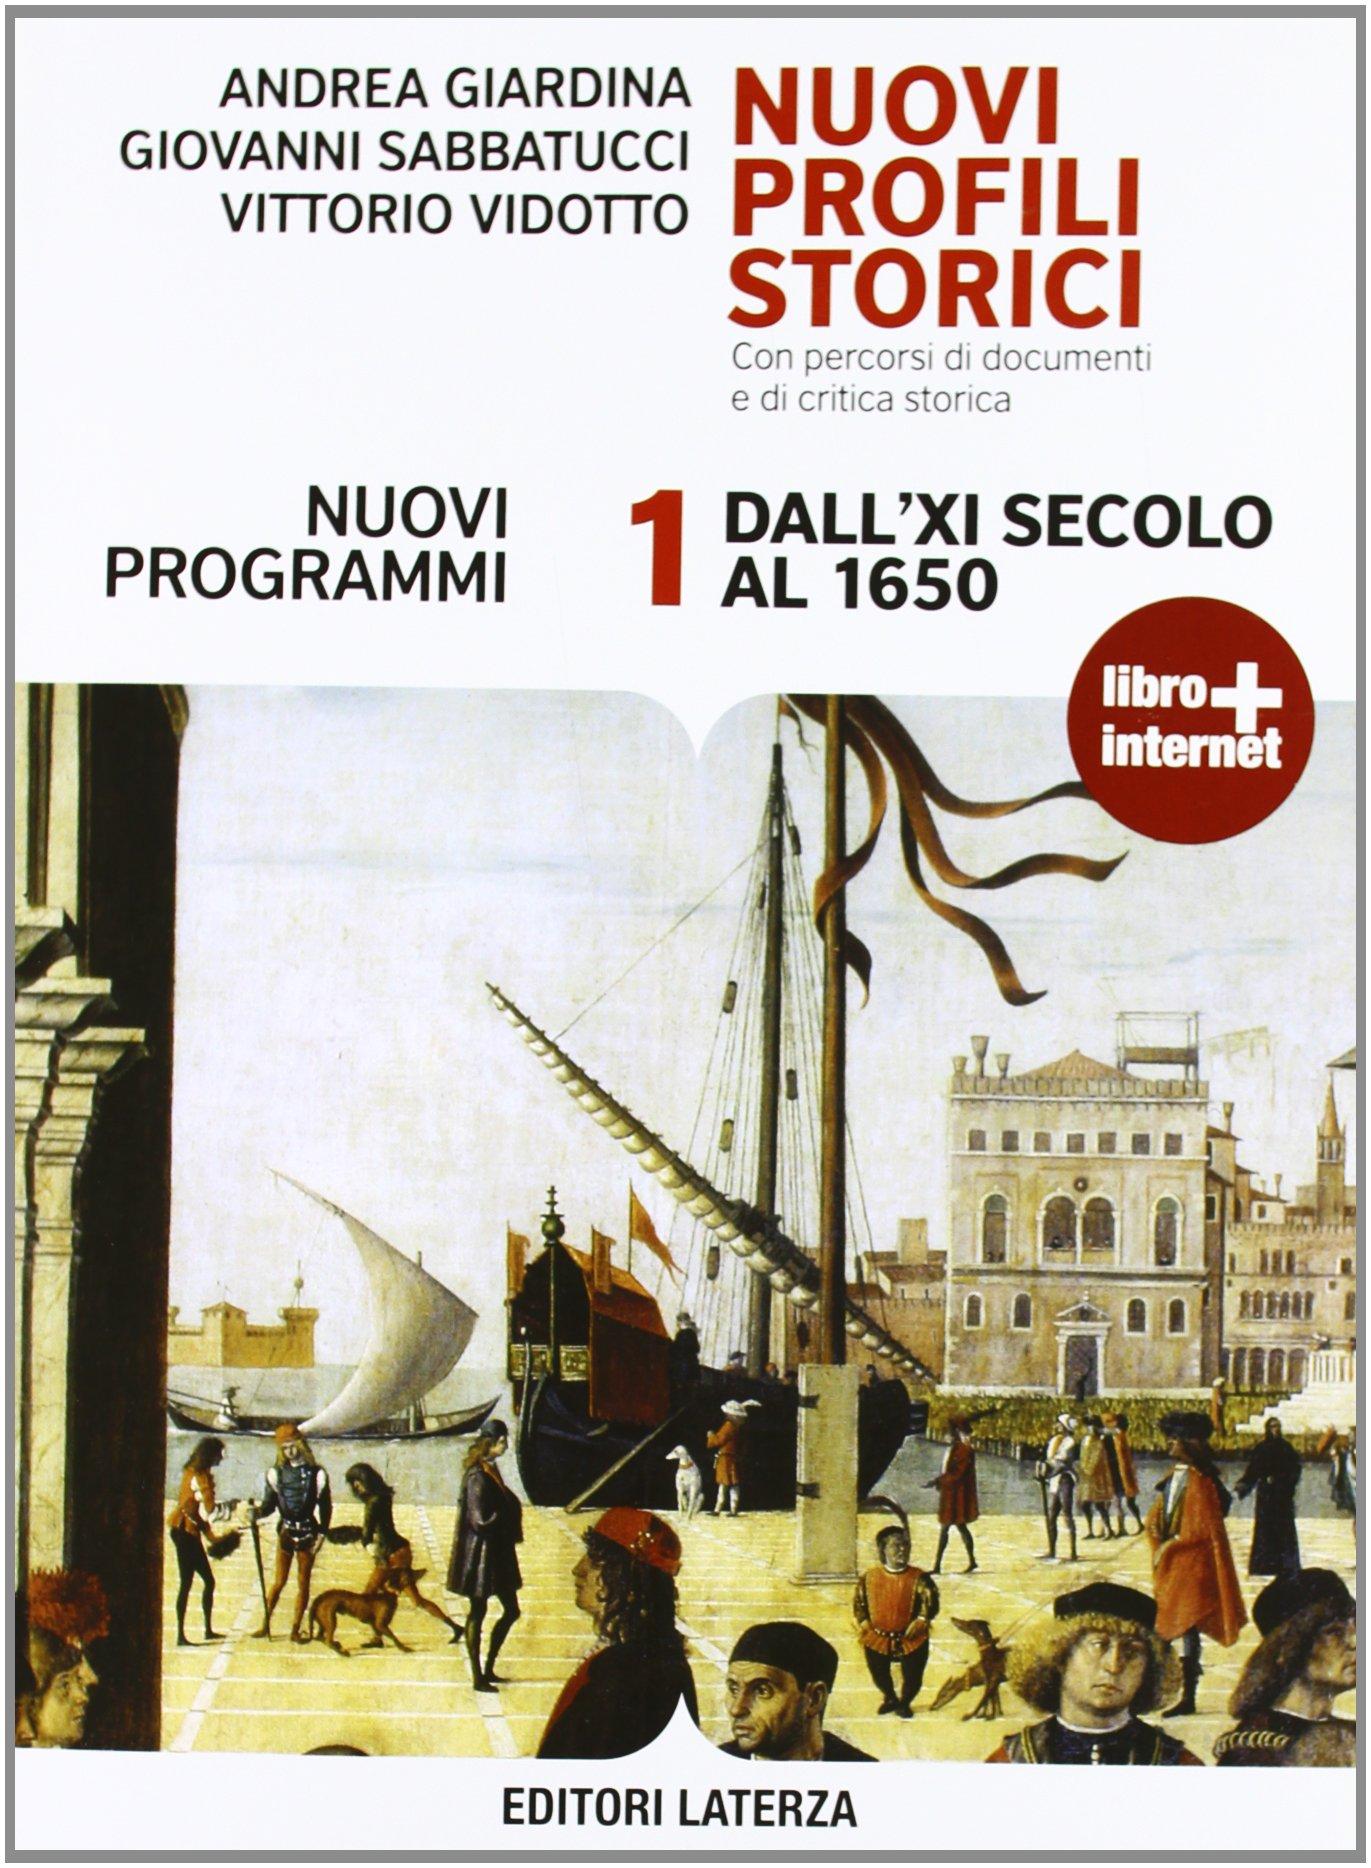 Nuovi profili storici 1. Dall'XI secolo al 1650